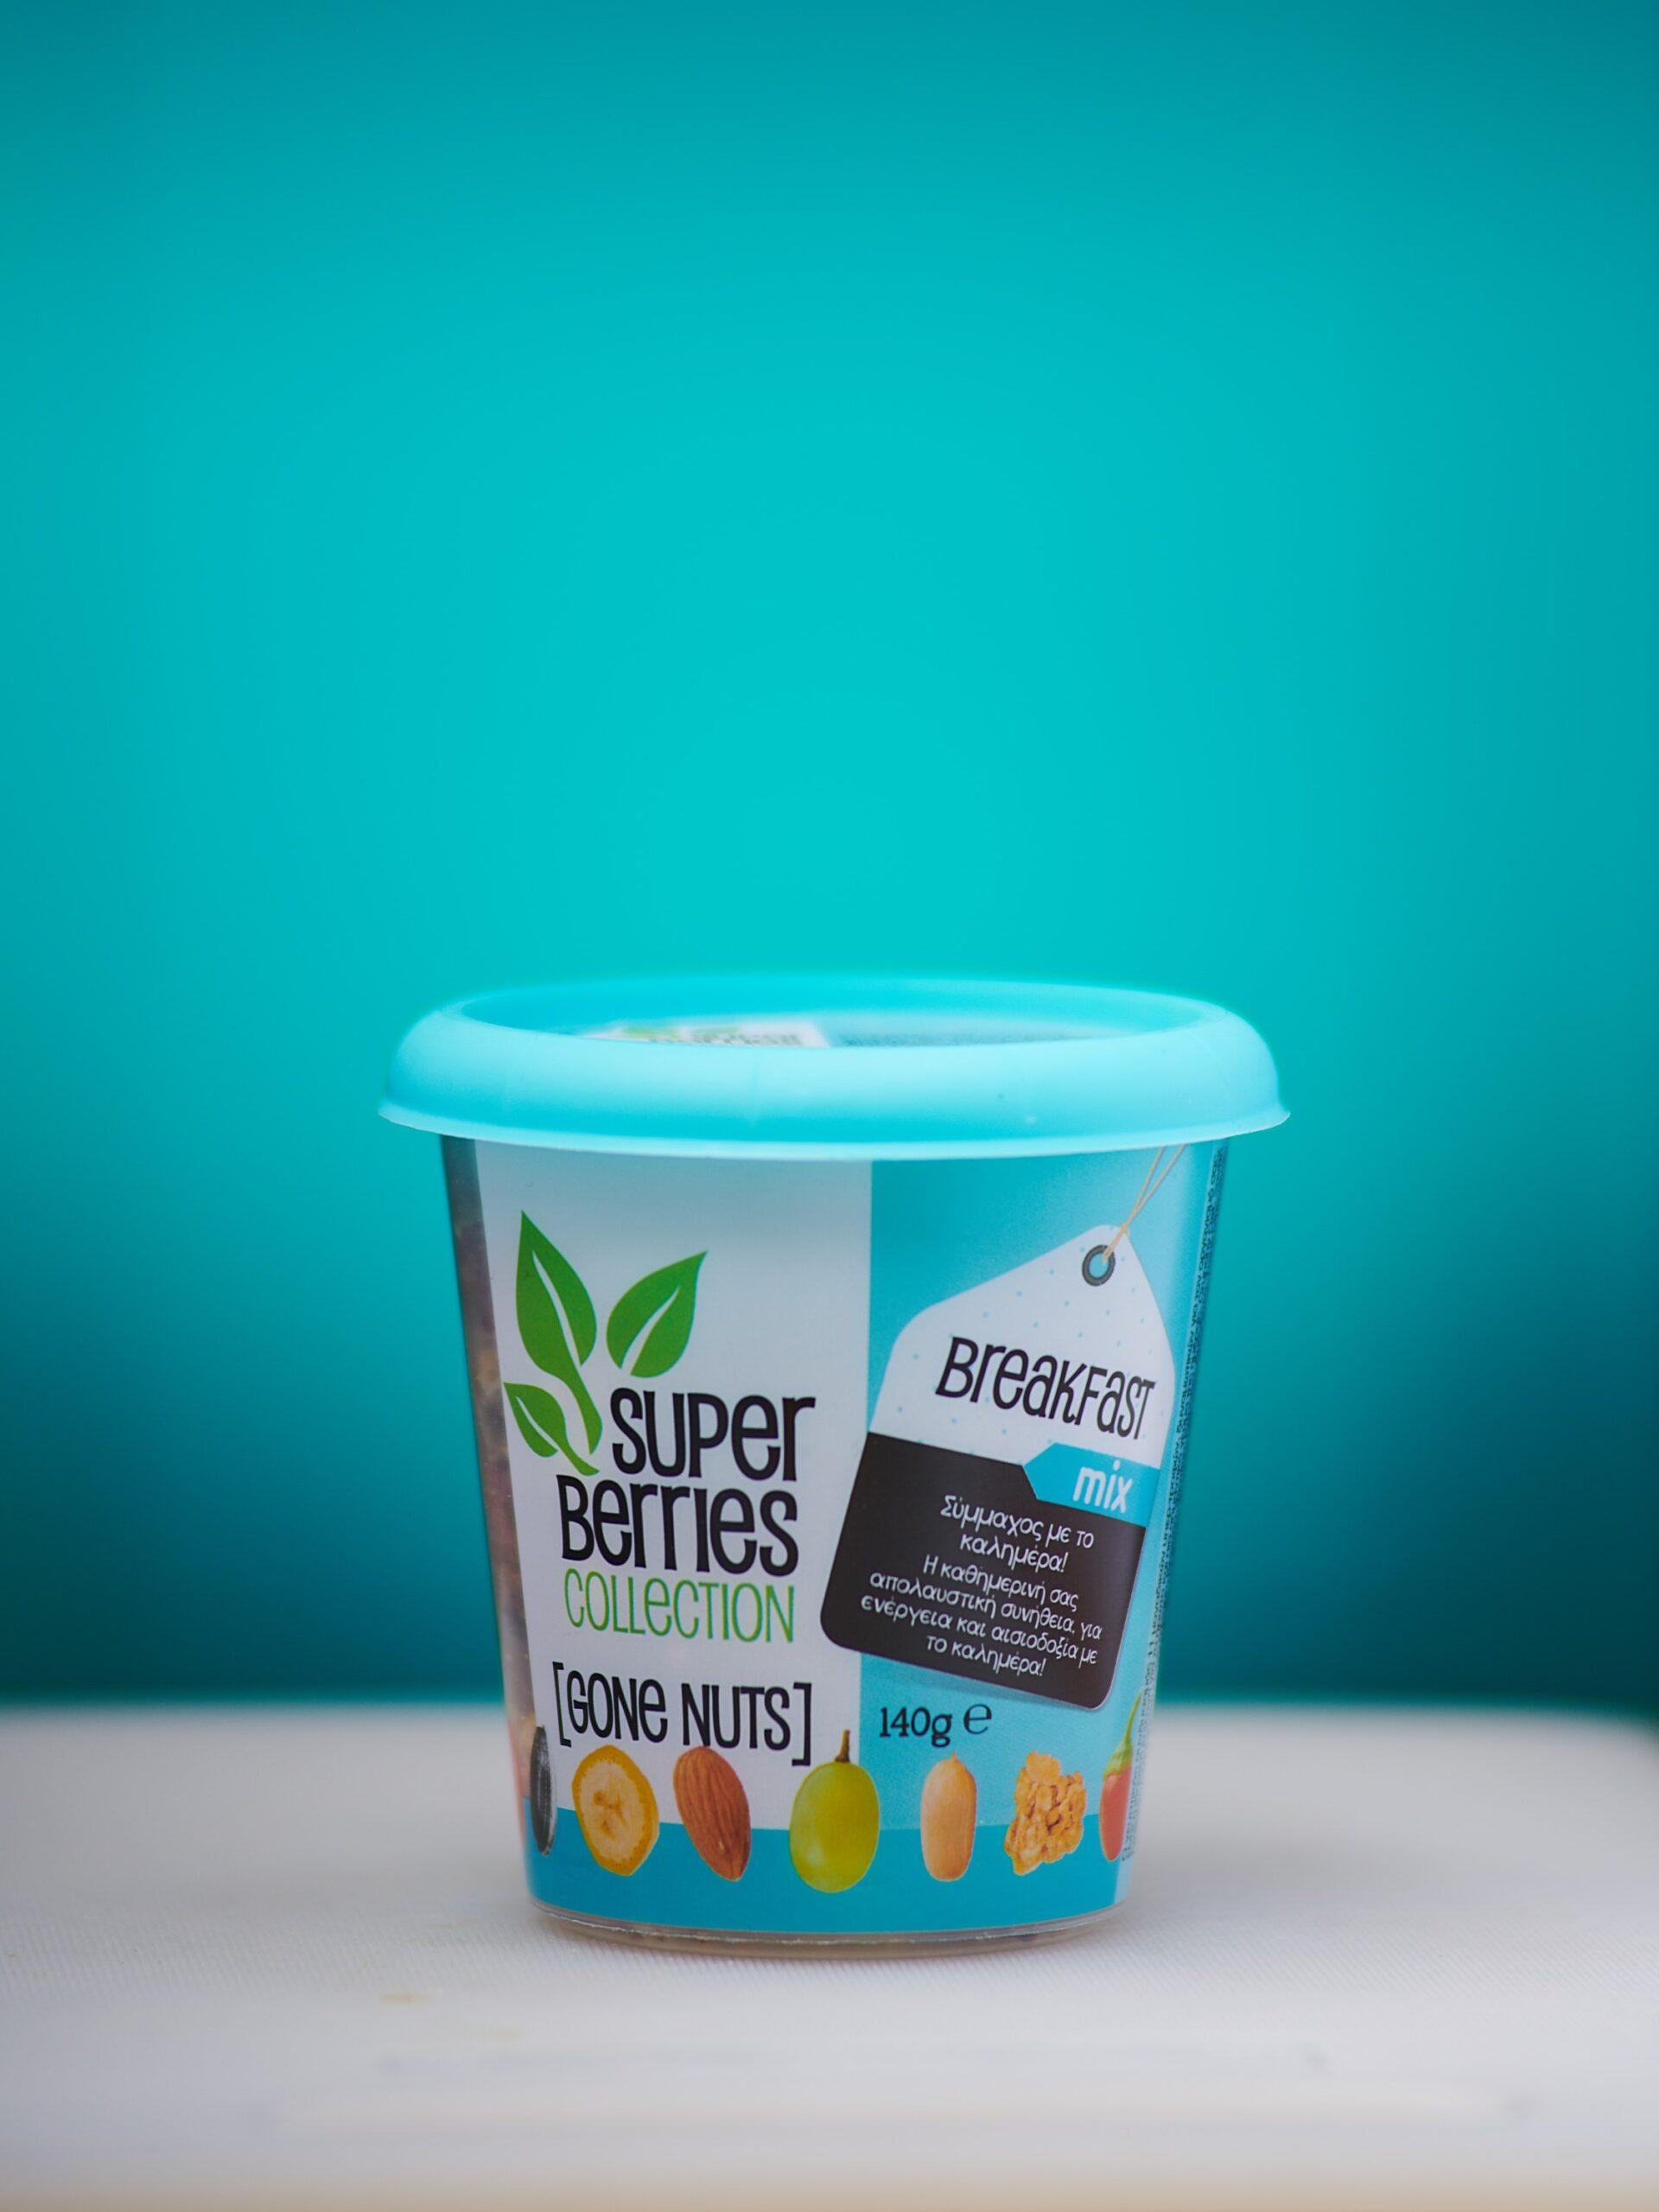 Υπερτροφές Super Berries Collection Gone Nuts Breakfast Mix